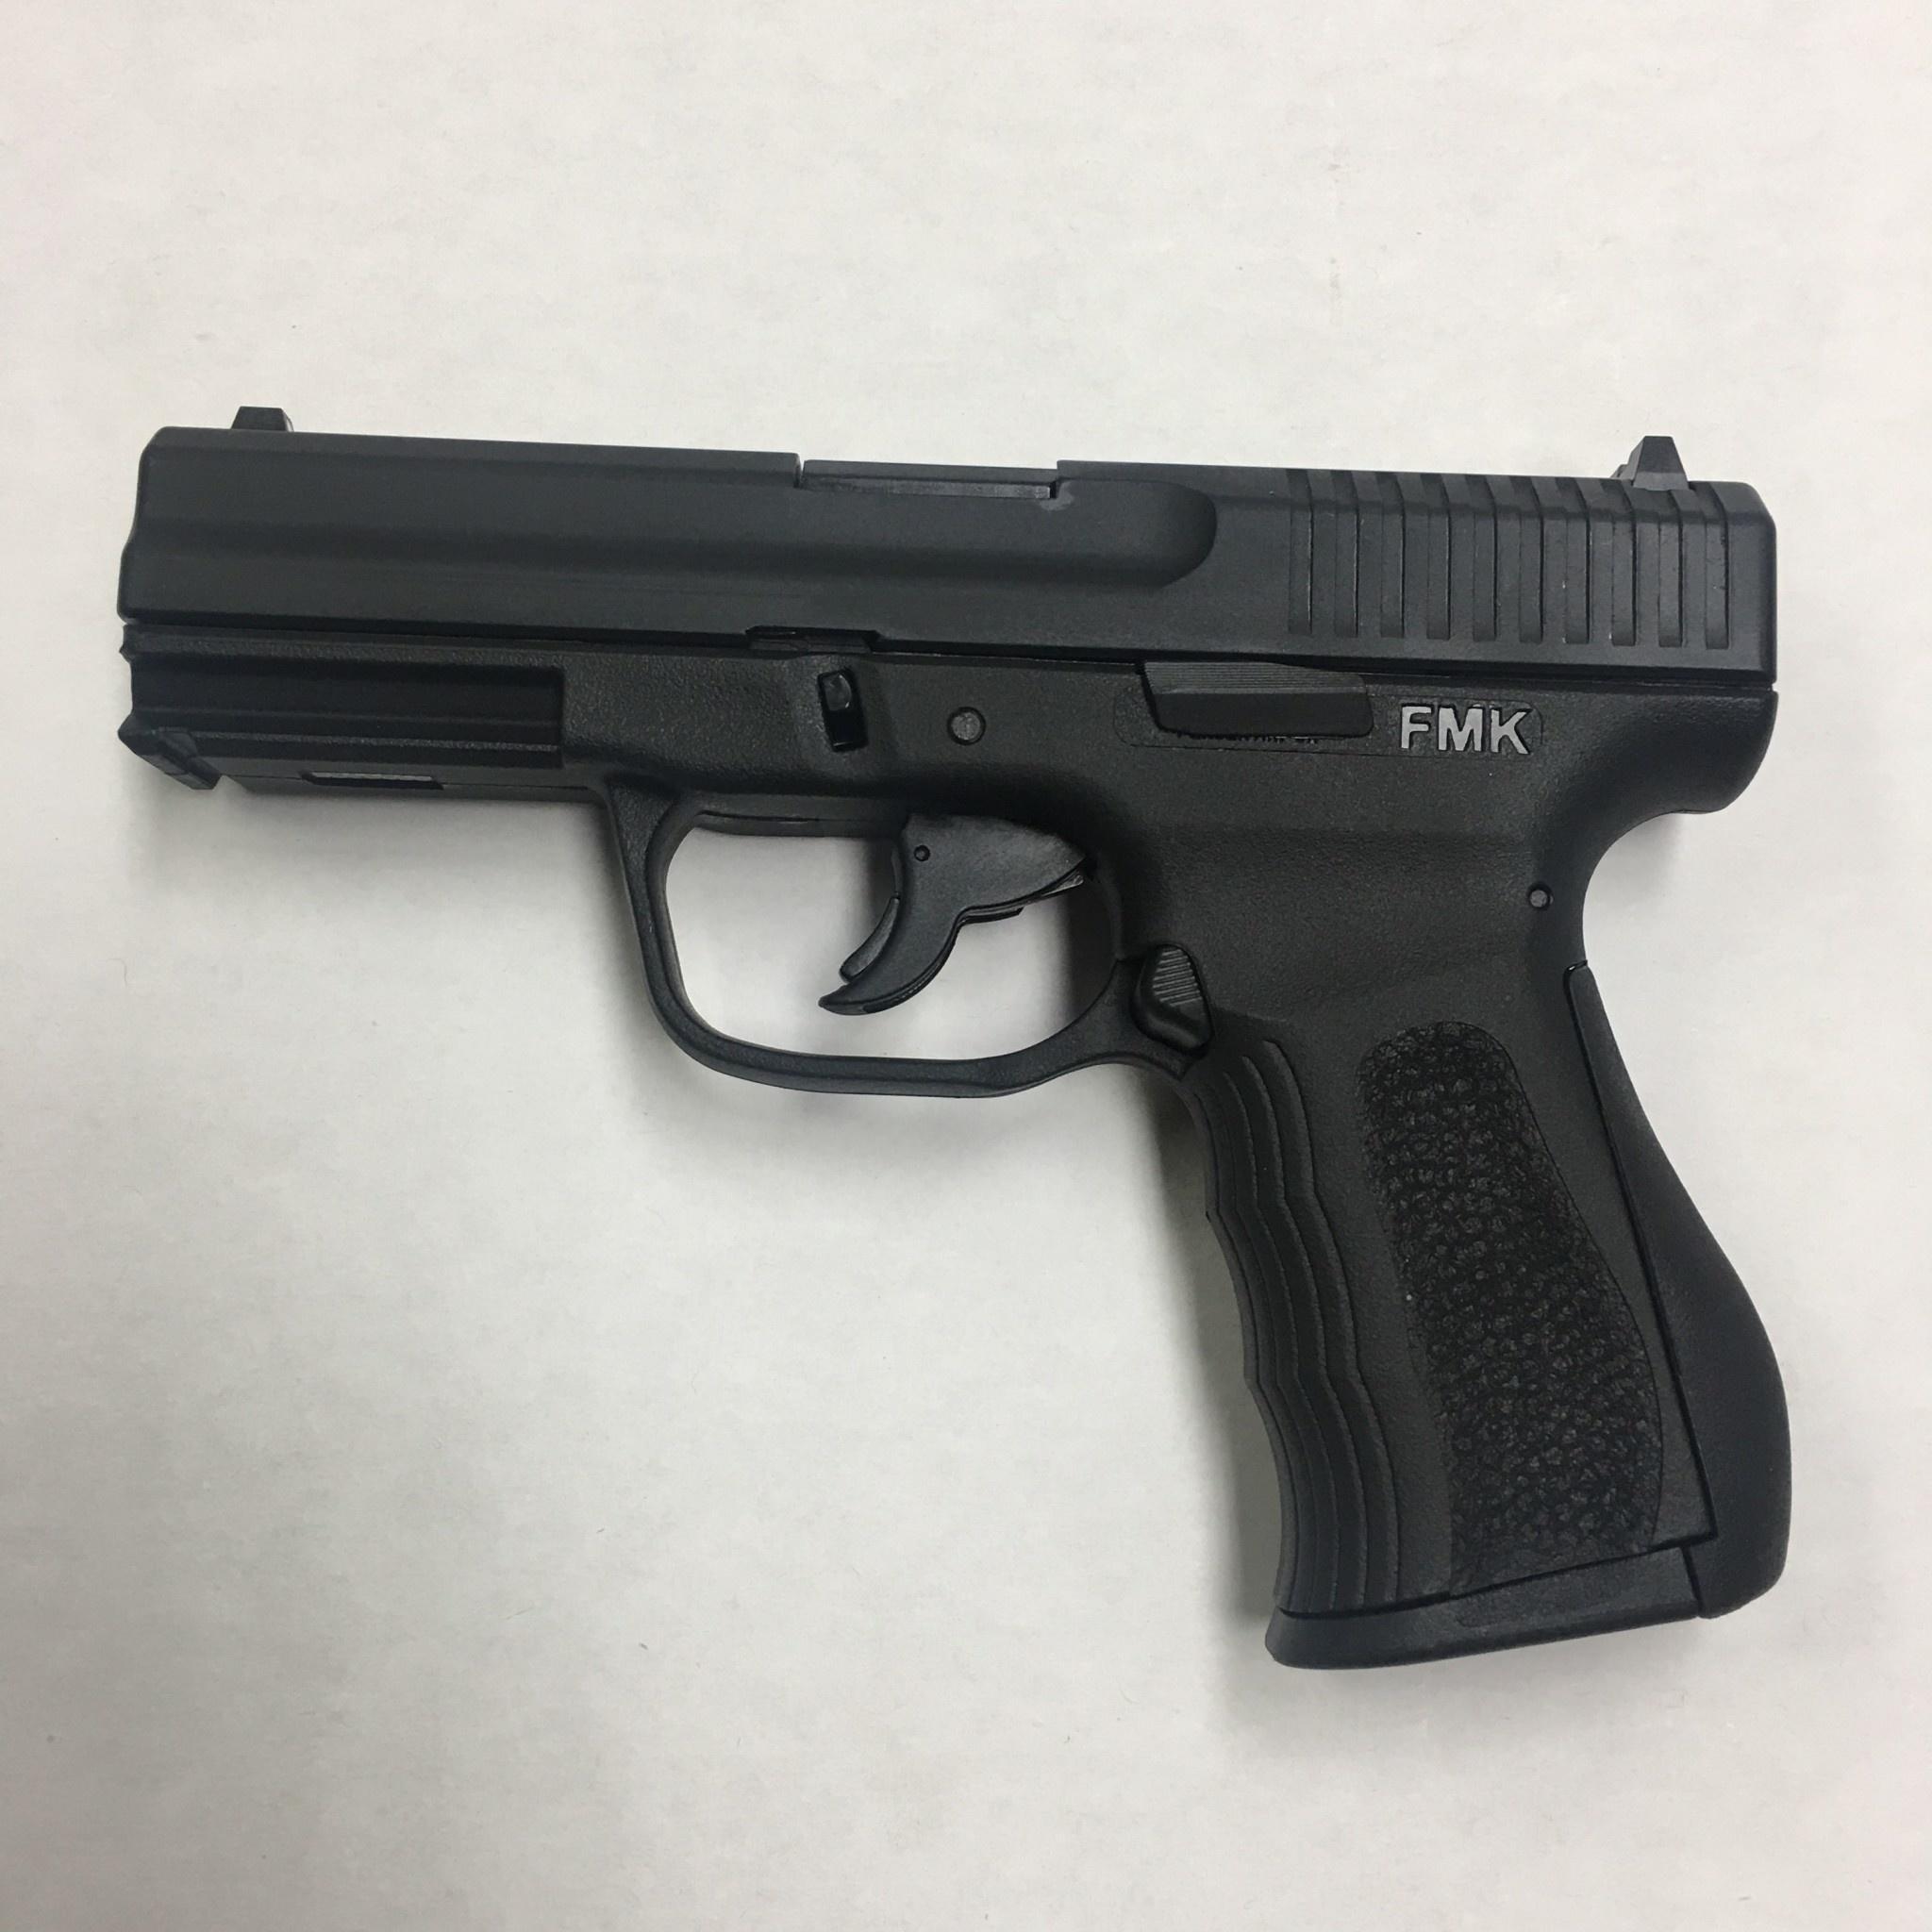 FMK Firearms 9C1 G2 Pistol 9MM